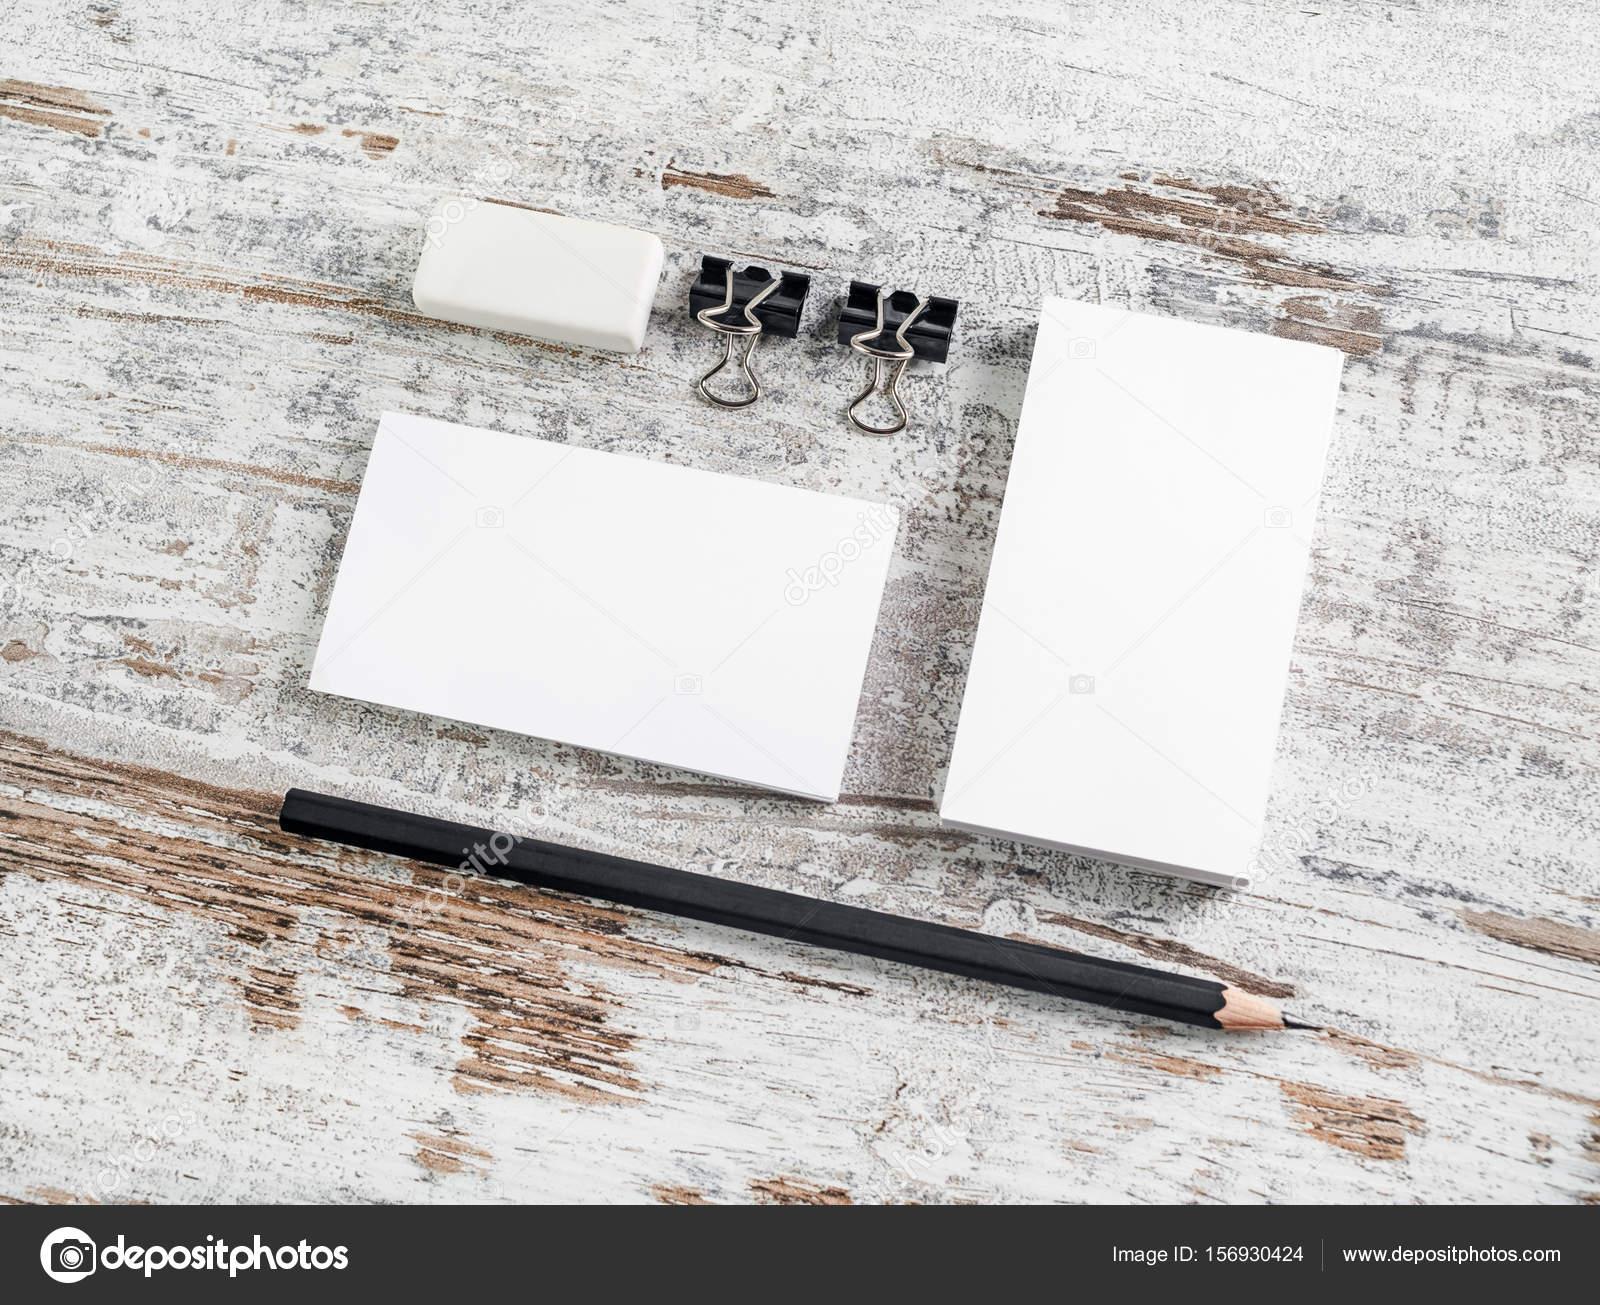 maqueta de identidad corporativa — Foto de stock © Veresovich #156930424